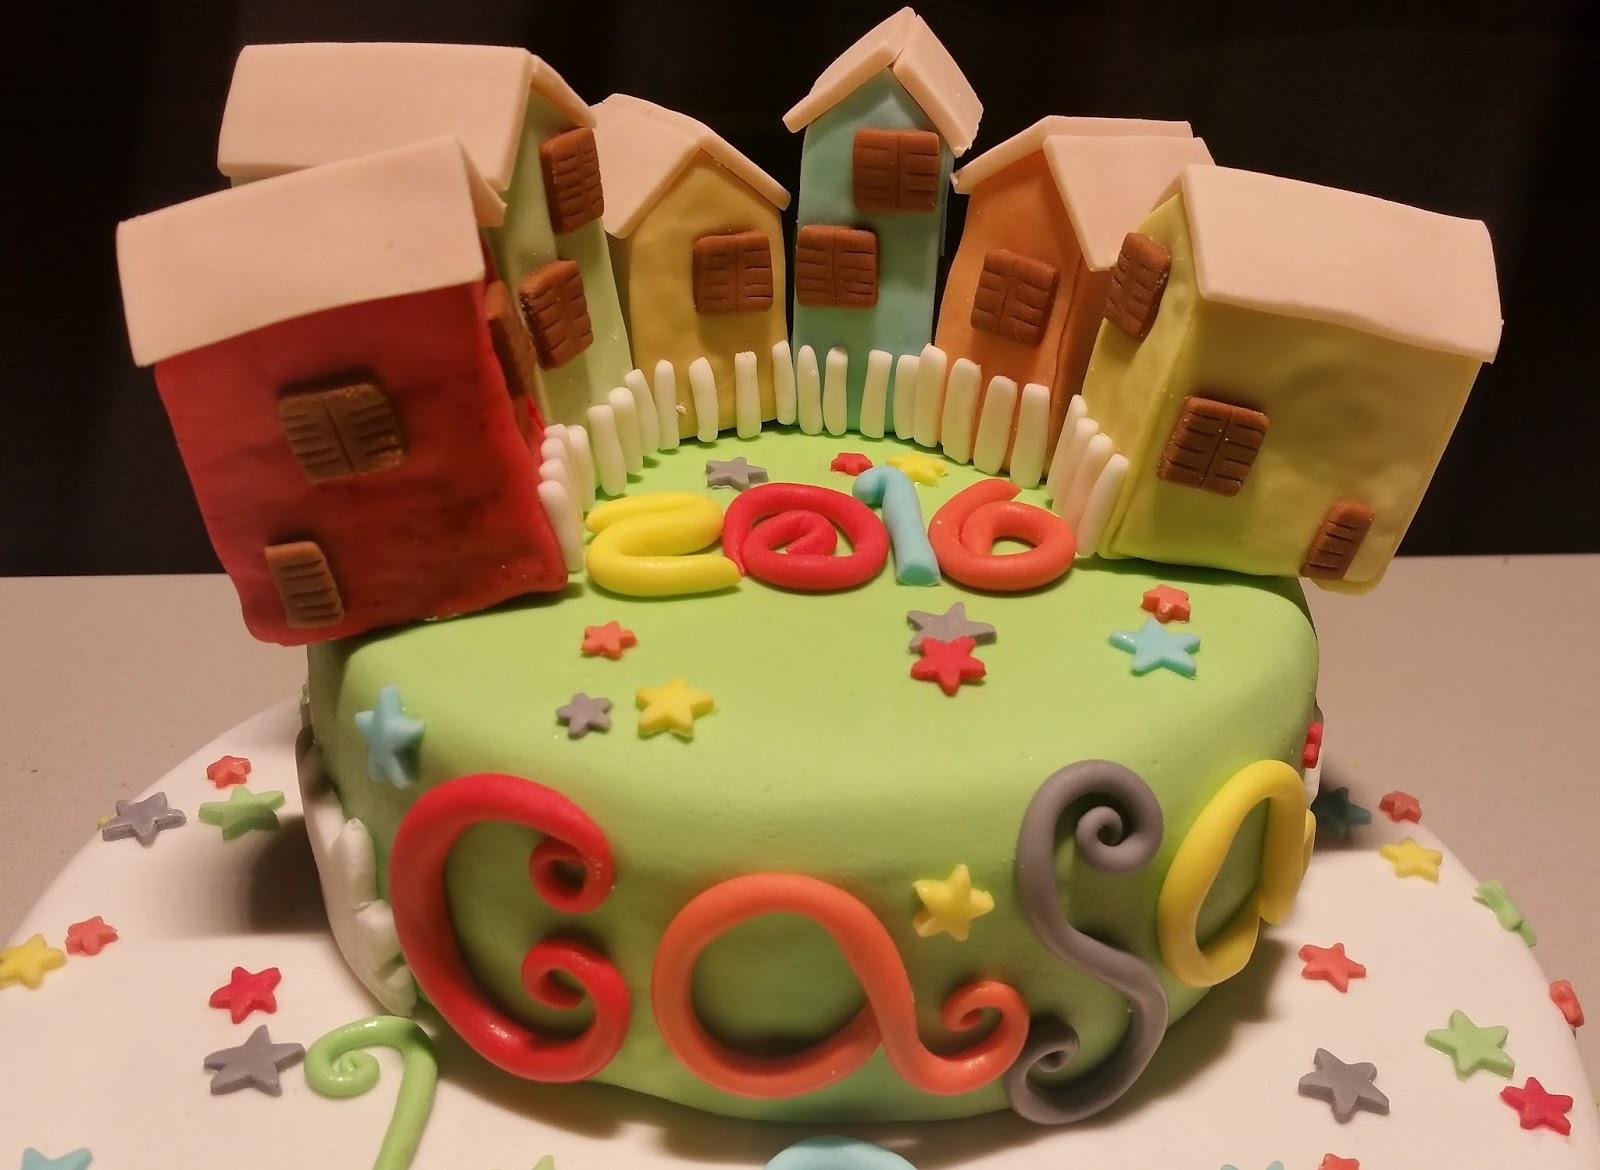 Le torte mitiche inaugurazione di casa nuova - Regalo casa nuova ...